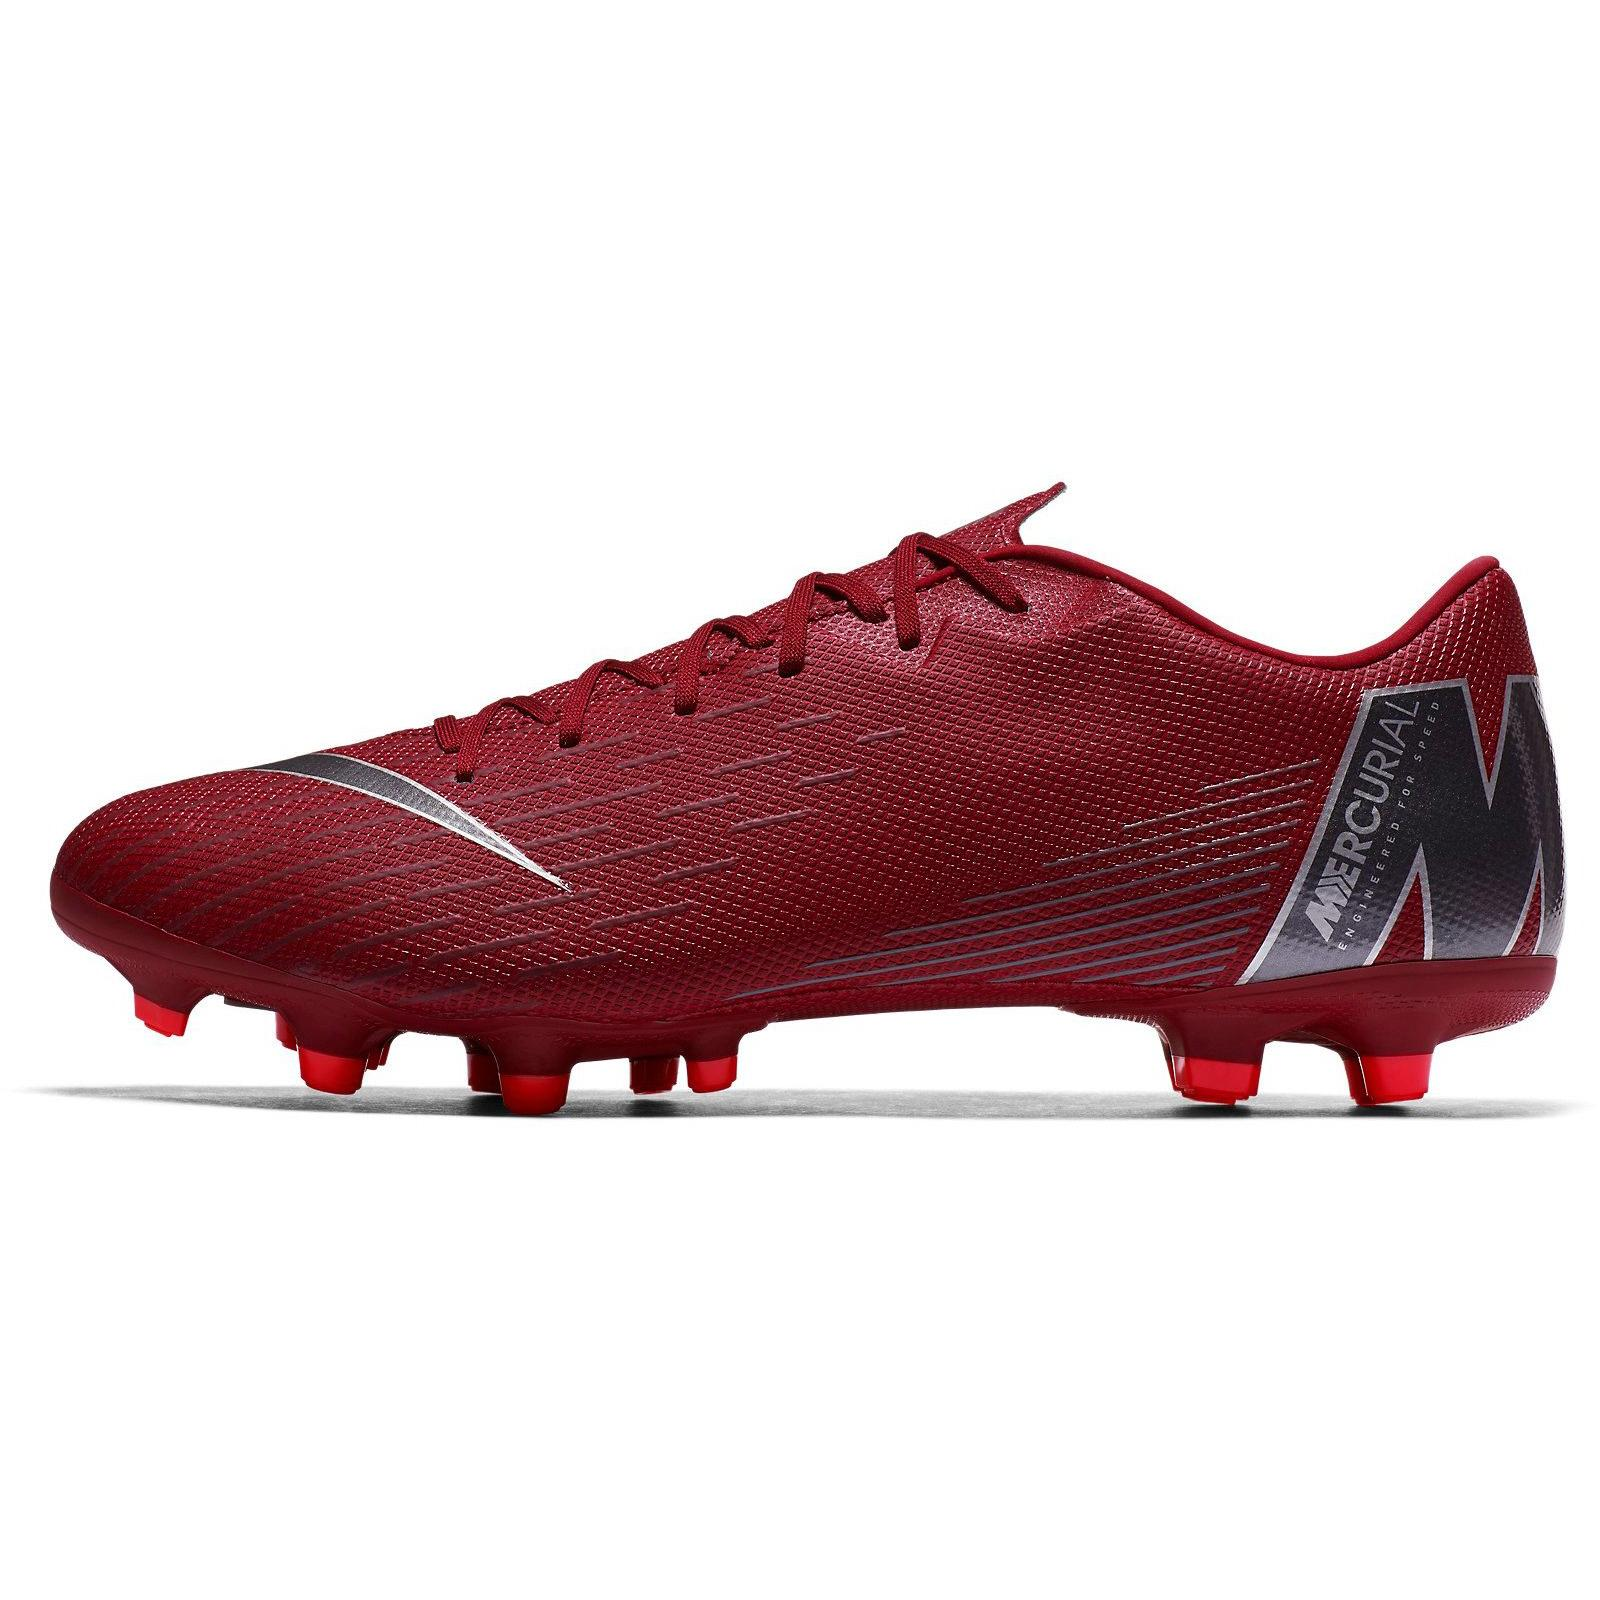 Mercurial Mg Calcio Scarpe Nike Xii Vapor Academy nO8w0kPX